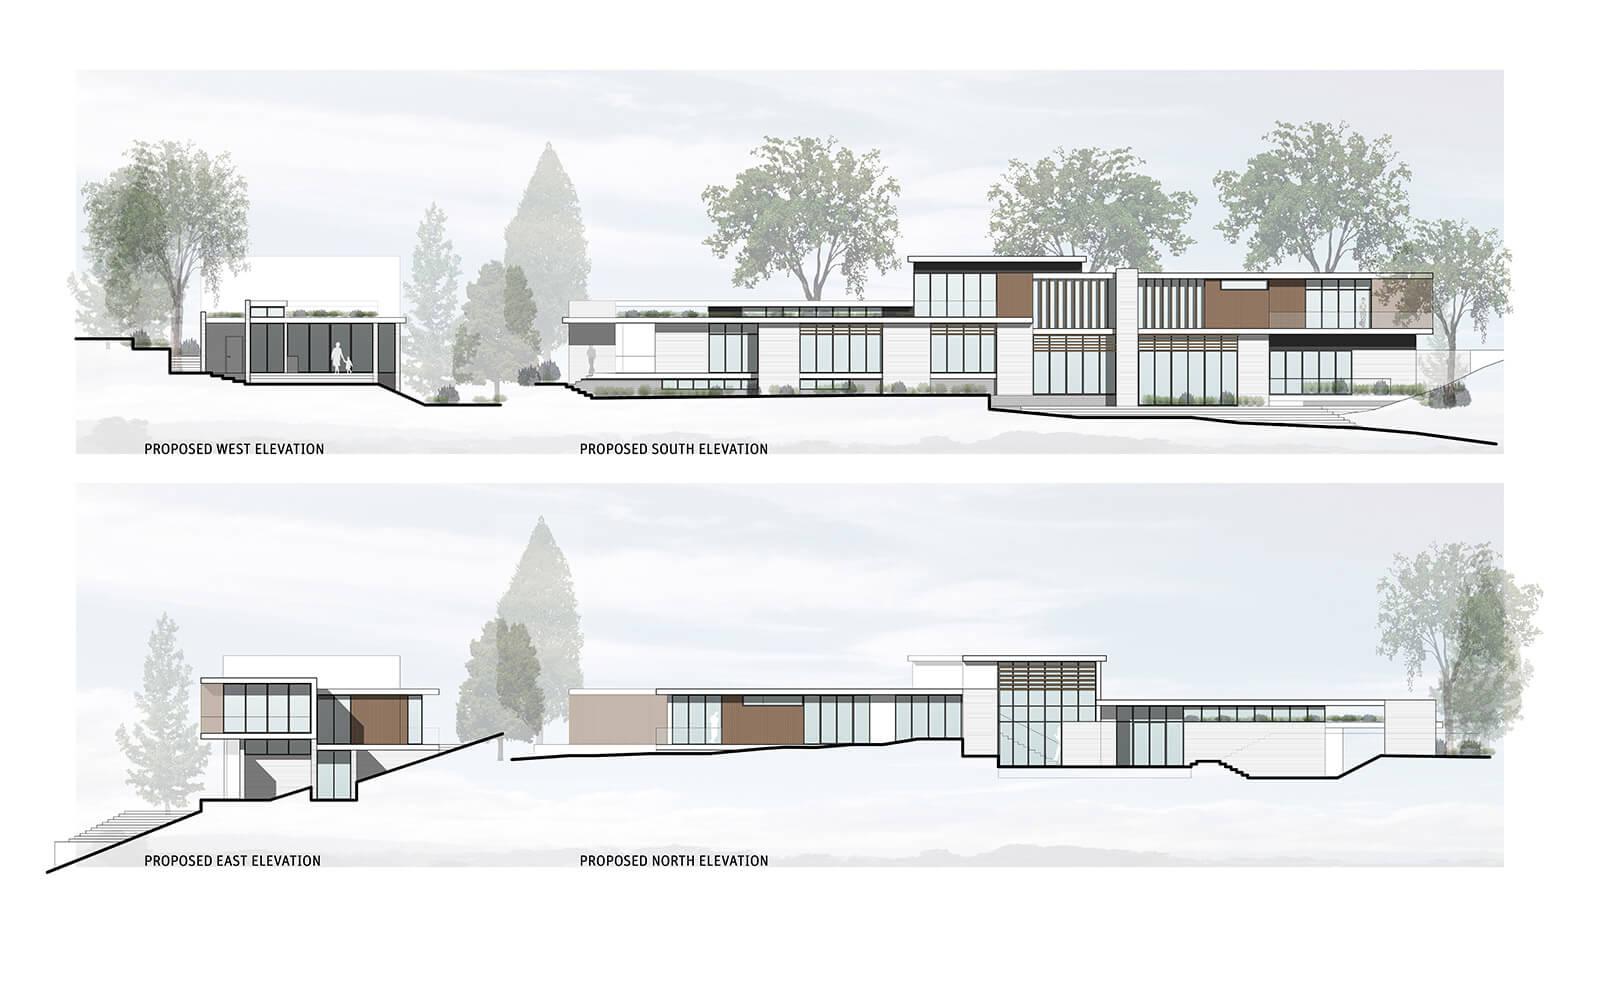 studio vara residential woodside i drawing elevations